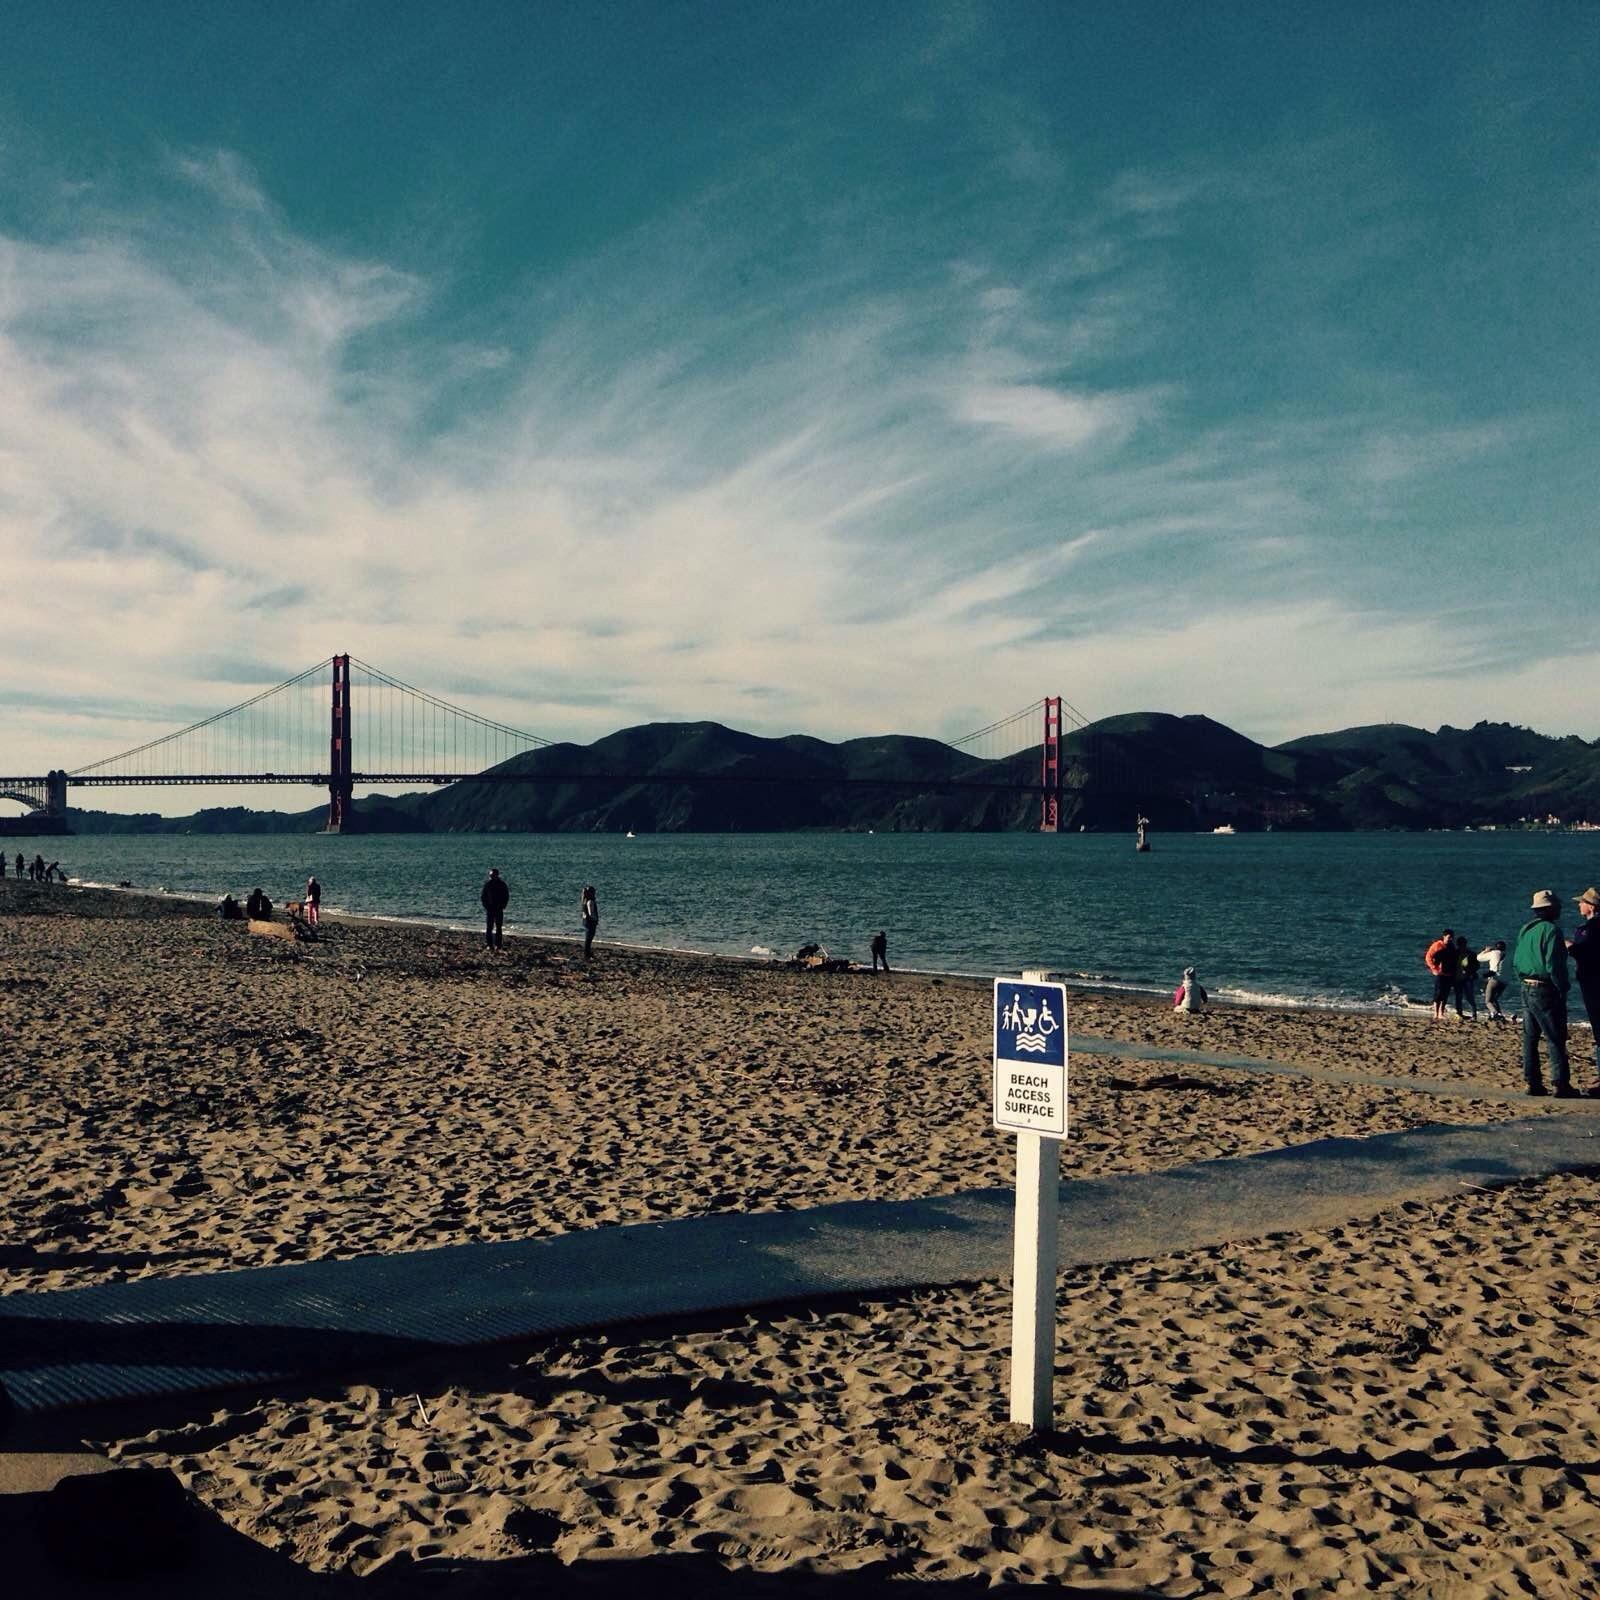 昨日之梦,明日之乡------旧金山